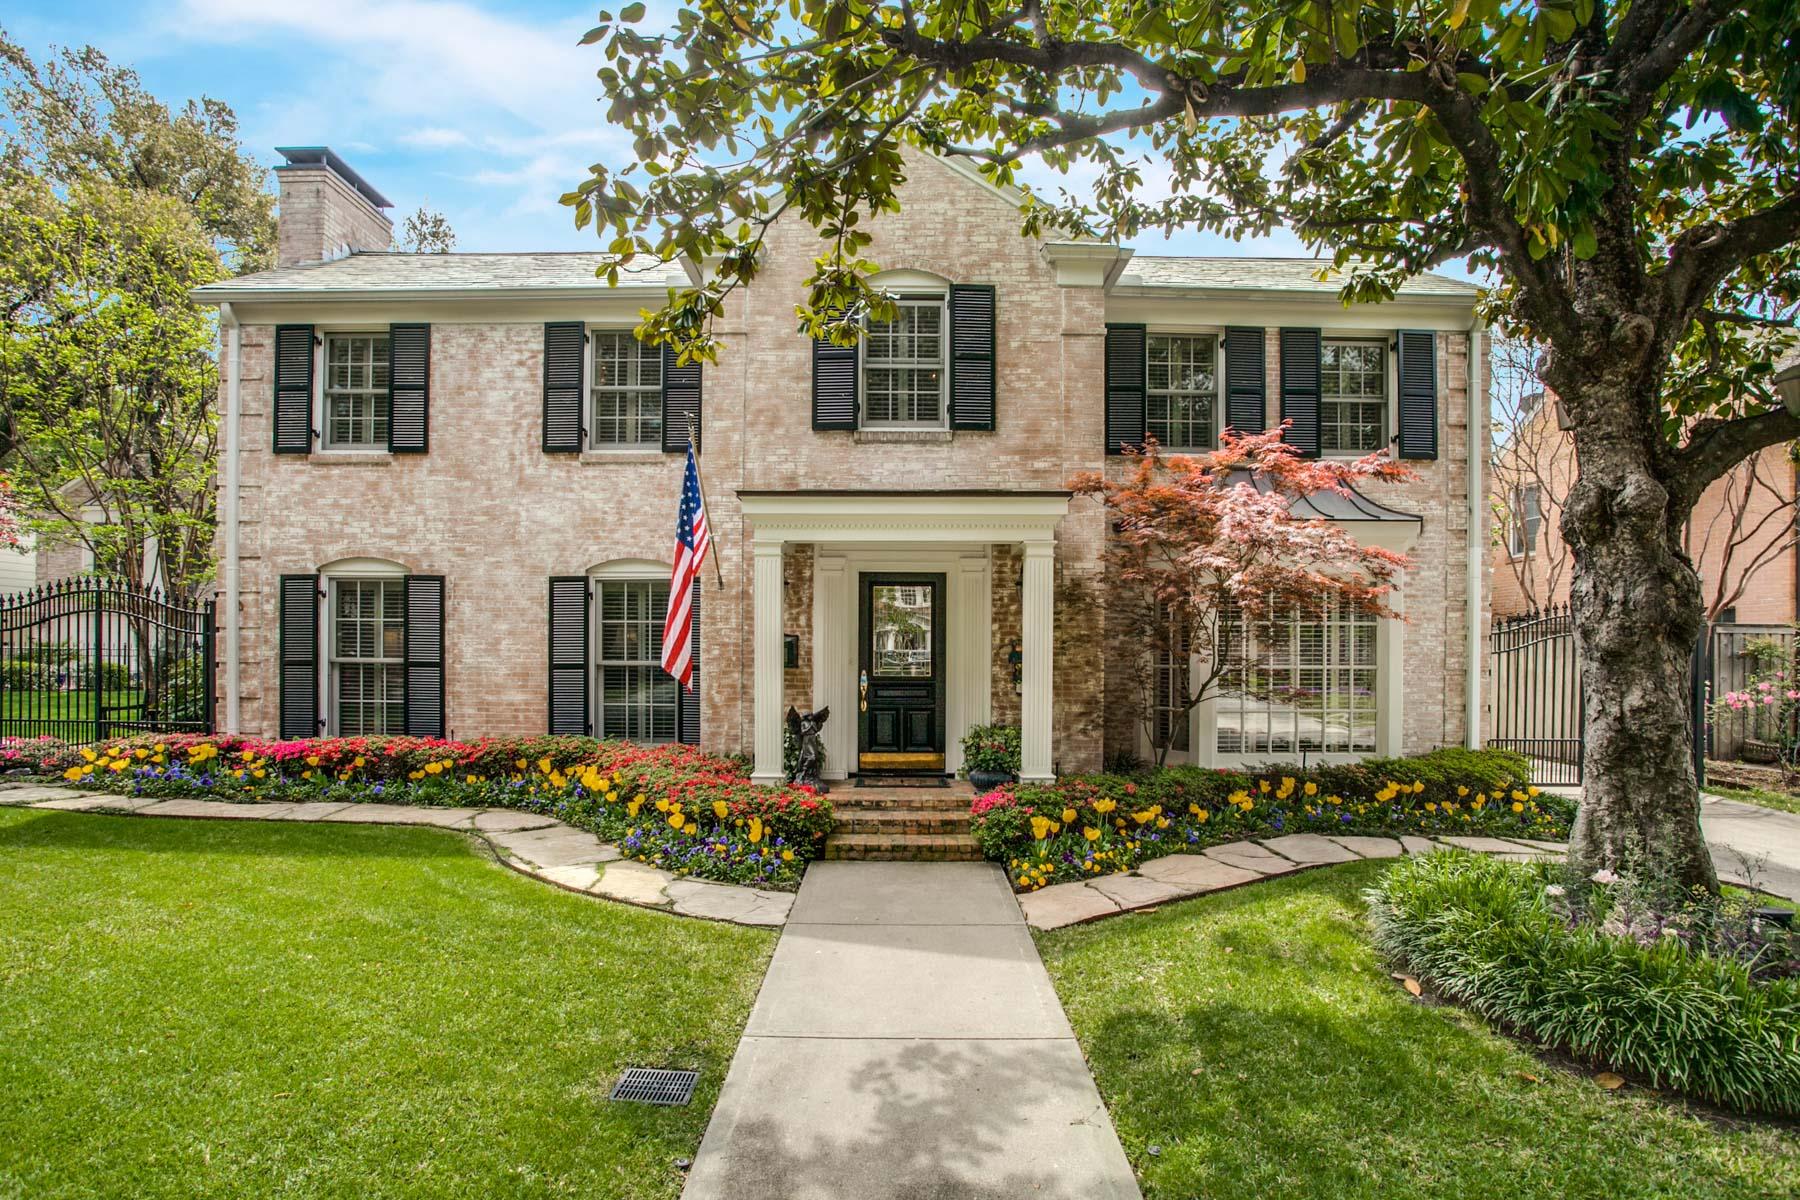 Частный односемейный дом для того Продажа на 4417 Belclaire Avenue, Highland Park Highland Park, Техас, 75205 Соединенные Штаты